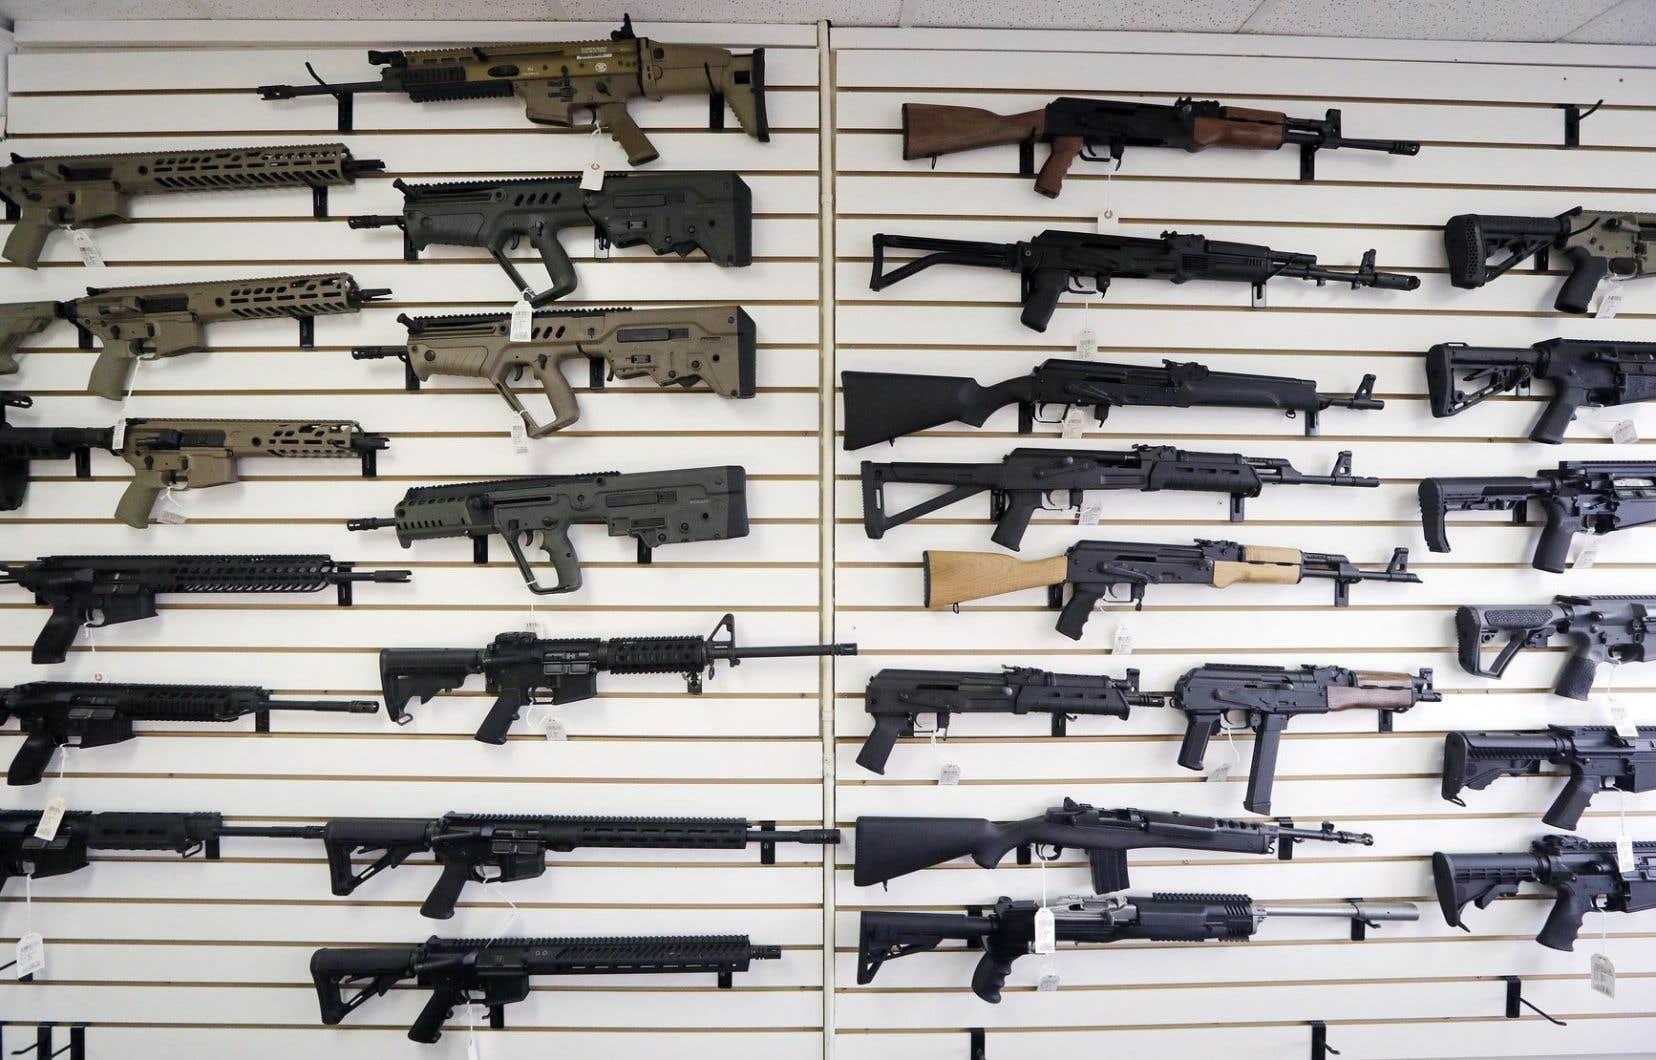 Certaines des armes devenues interdites vendredi sont utilisées dans le Grand Nord canadien pour la chasse parce qu'elles coûtent moins cher que d'autres modèles.